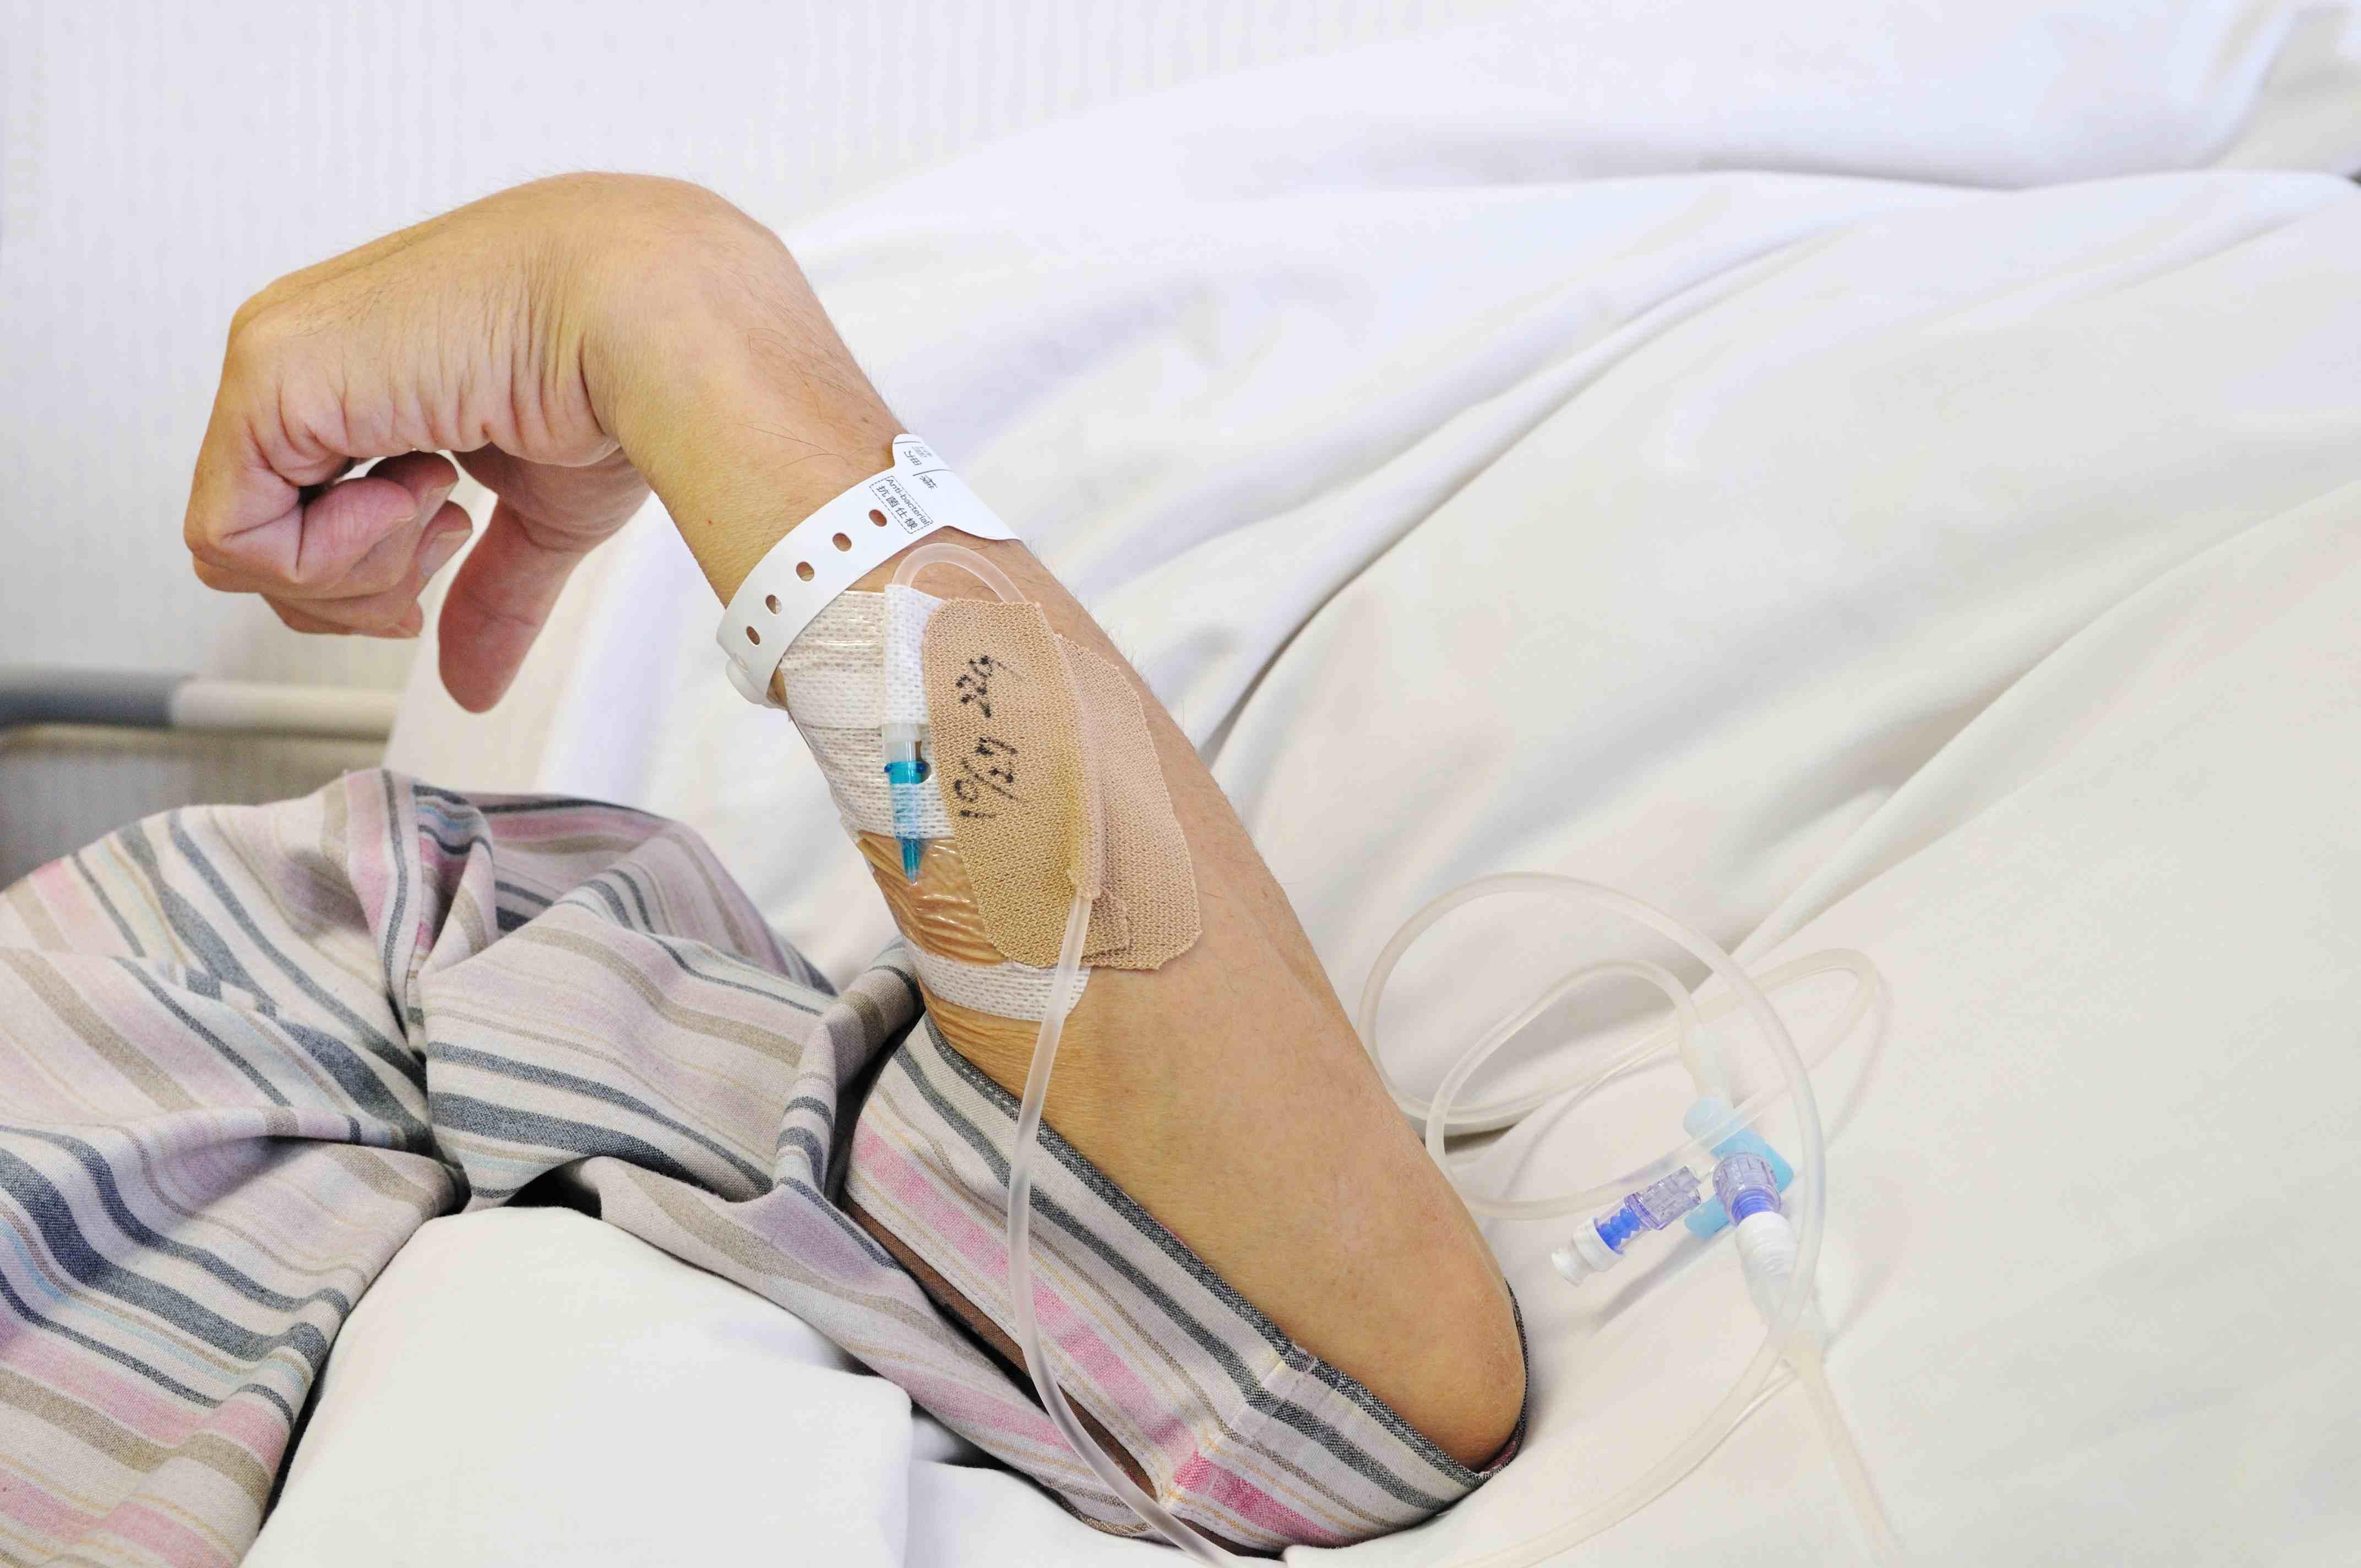 病棟内での処置や検査